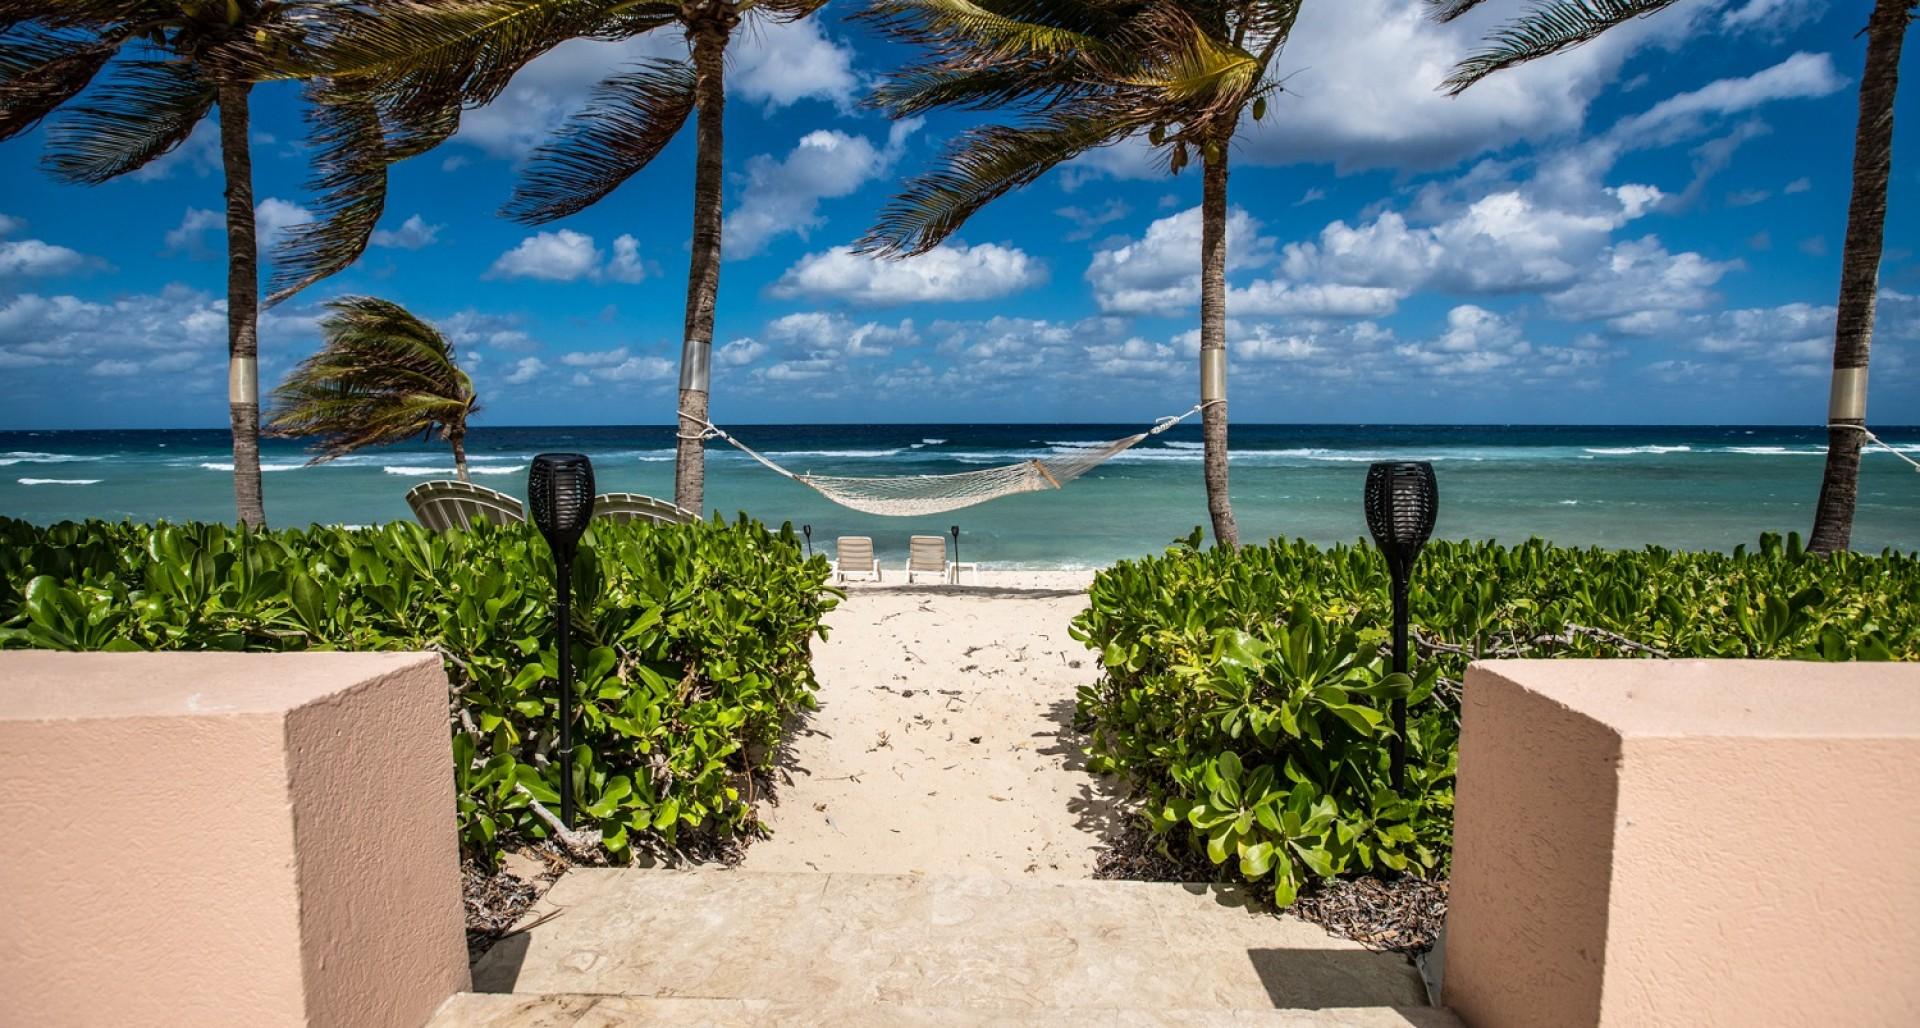 Conch Point Beach Resort Villa #7